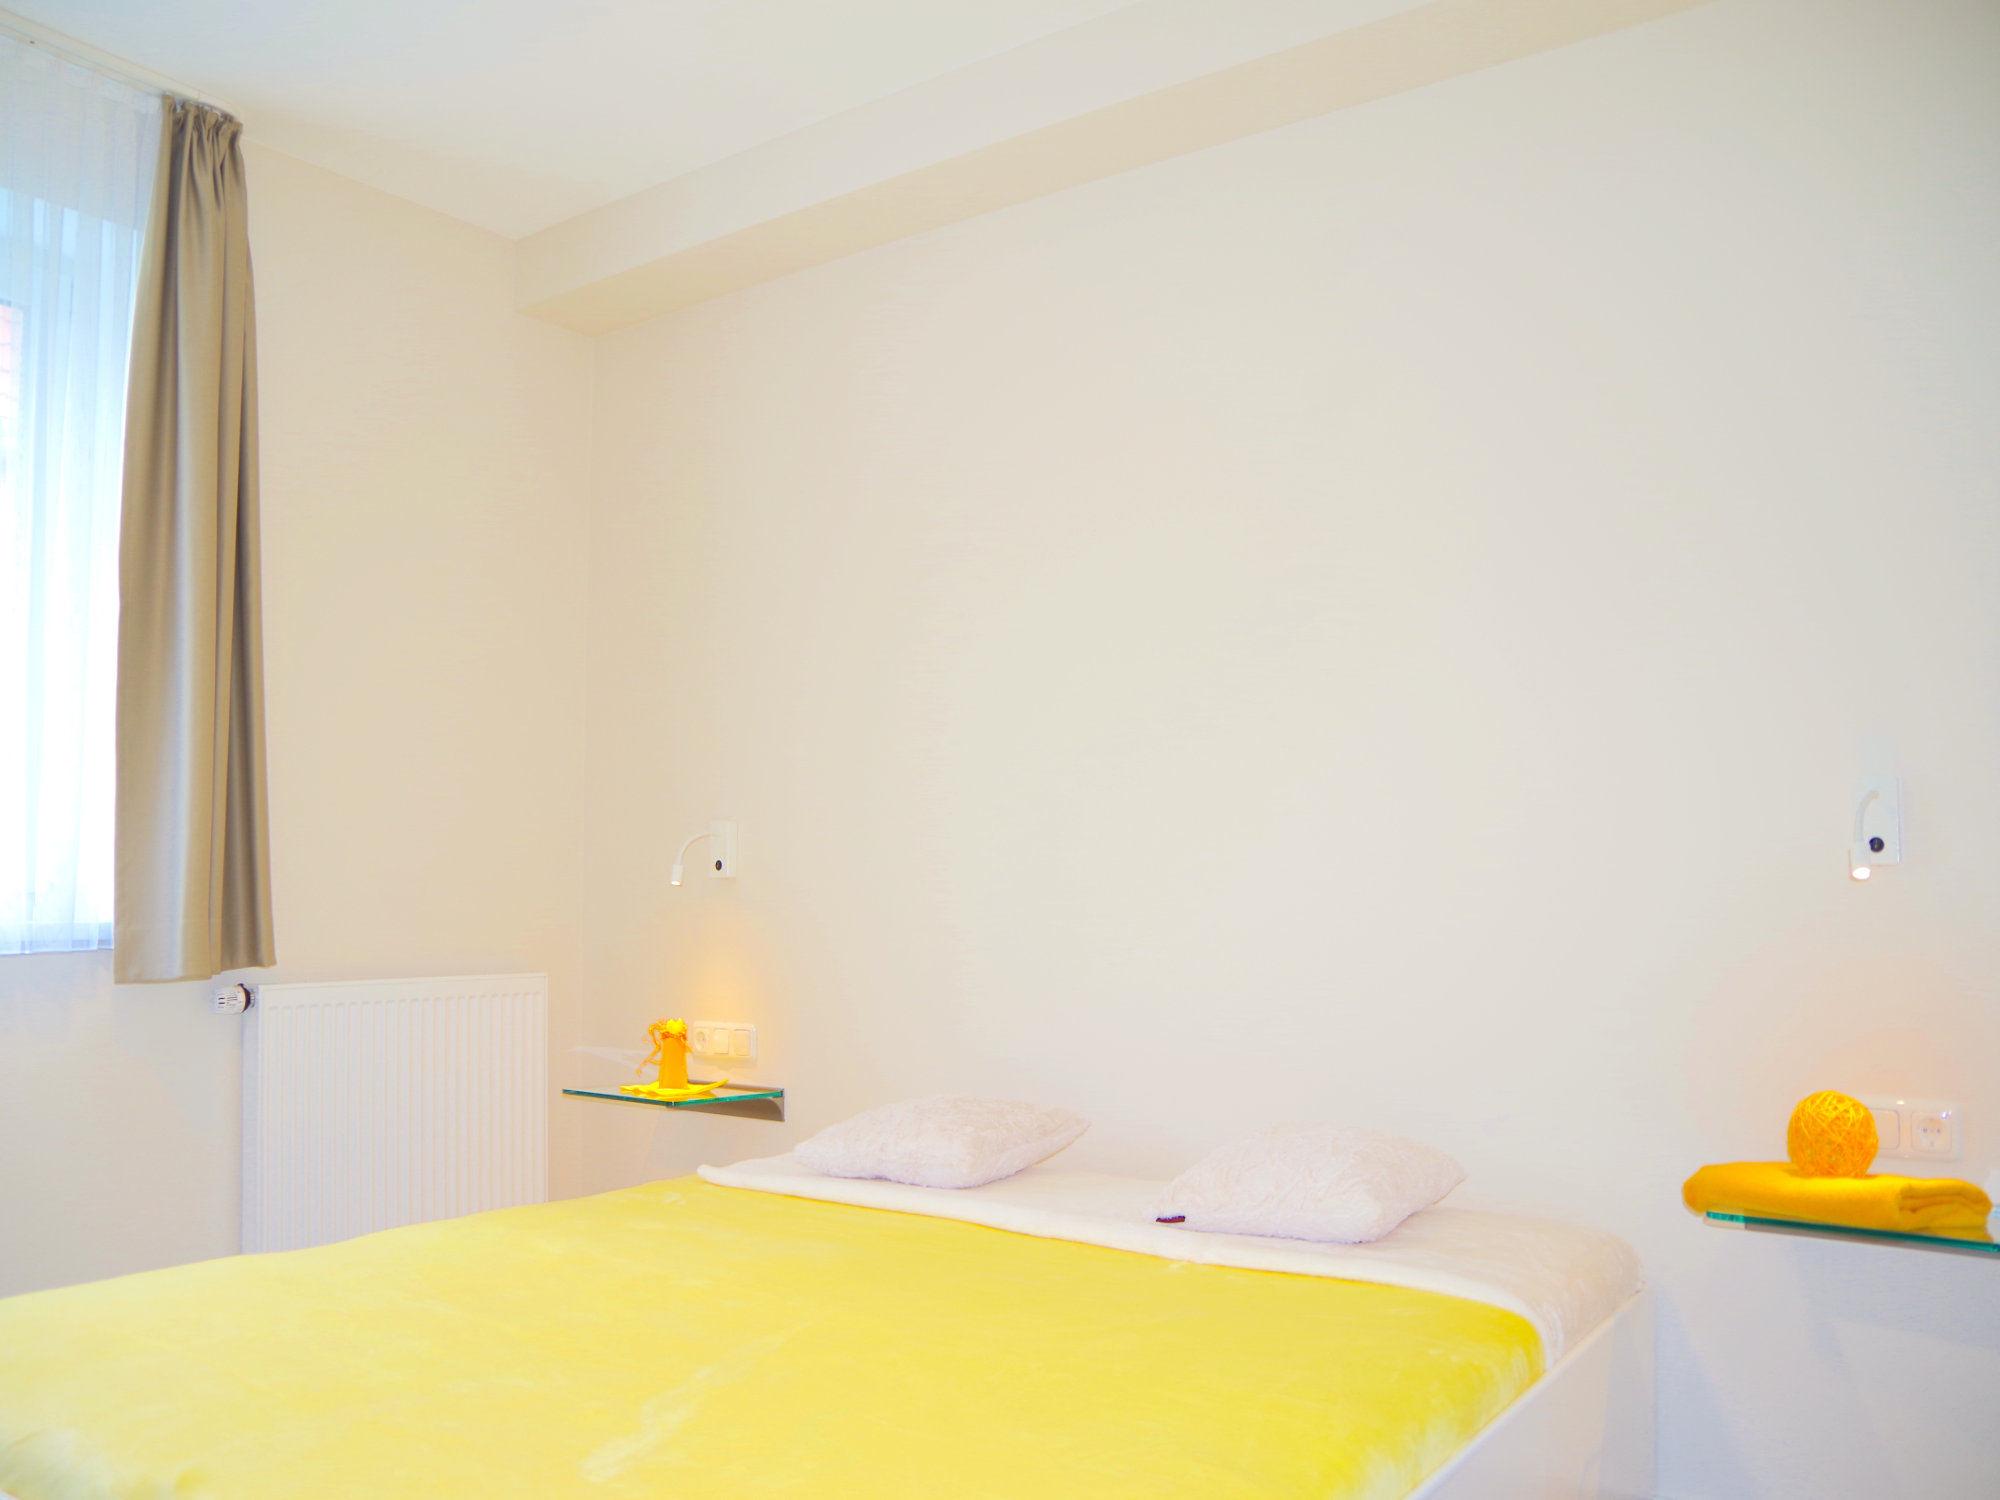 Schlafzimmer  mit Doppelbett und Glaskonsolen neben dem Bett, auf der linken Seite ein Fenster